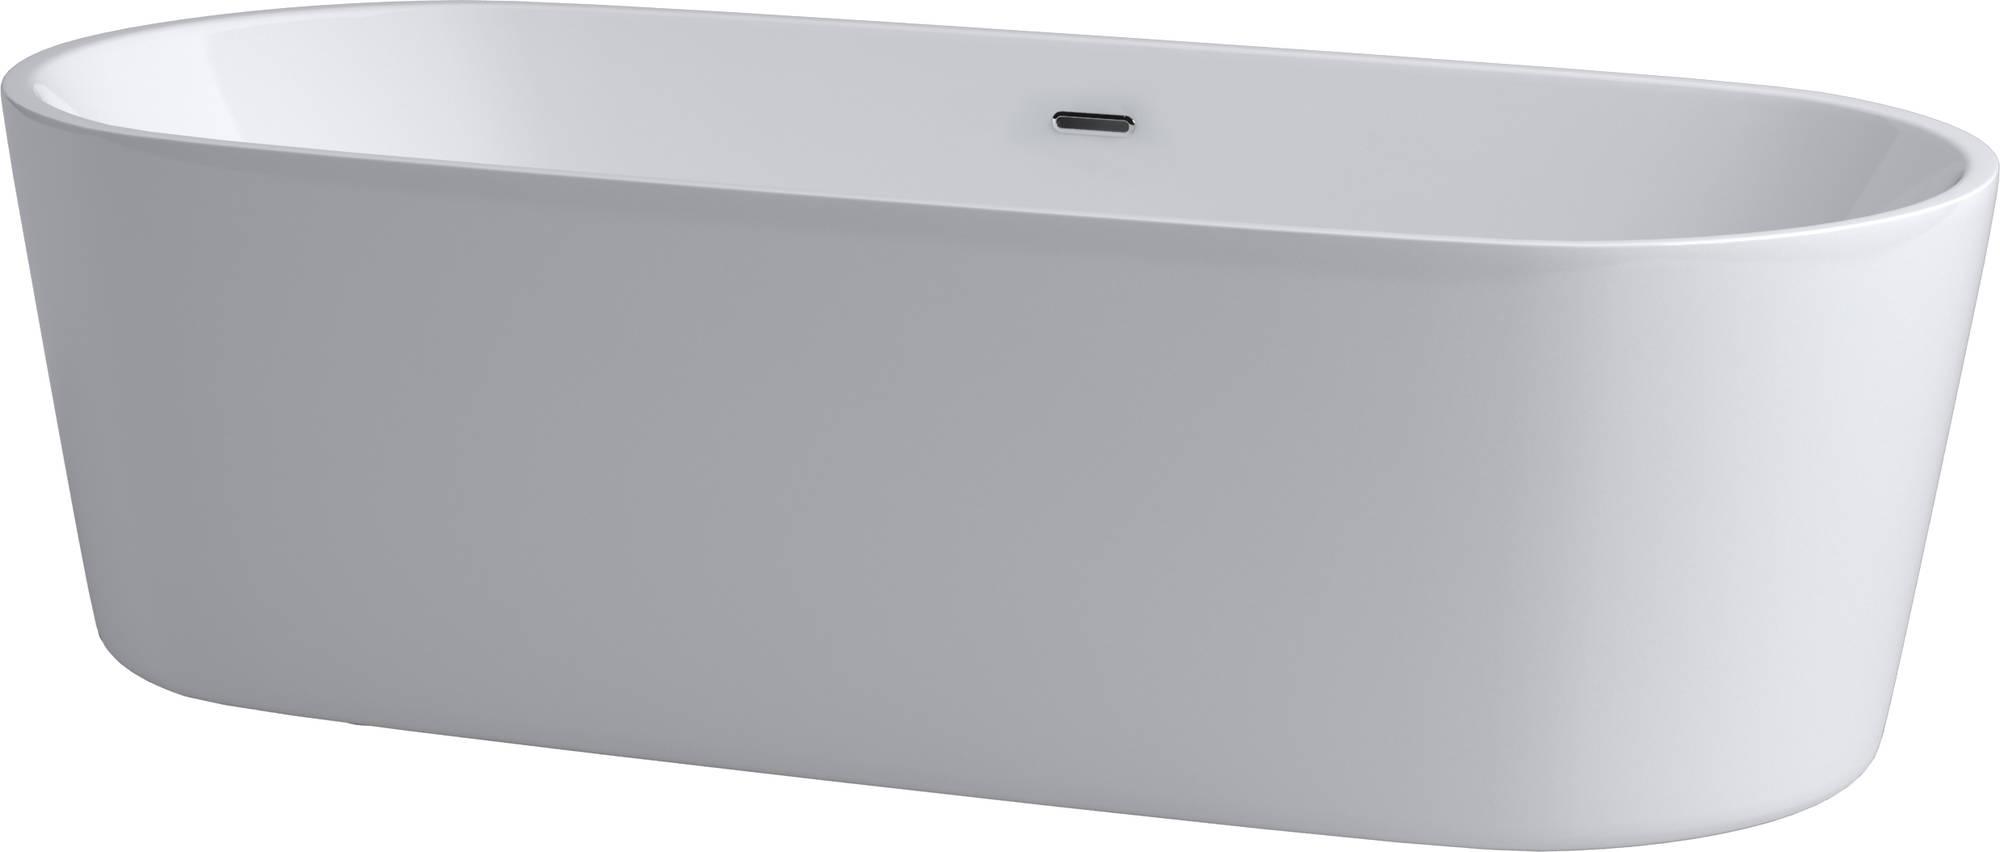 InBe by Clou vrijstaand ligbad 178x80 cm geïntegreerde overloop wit